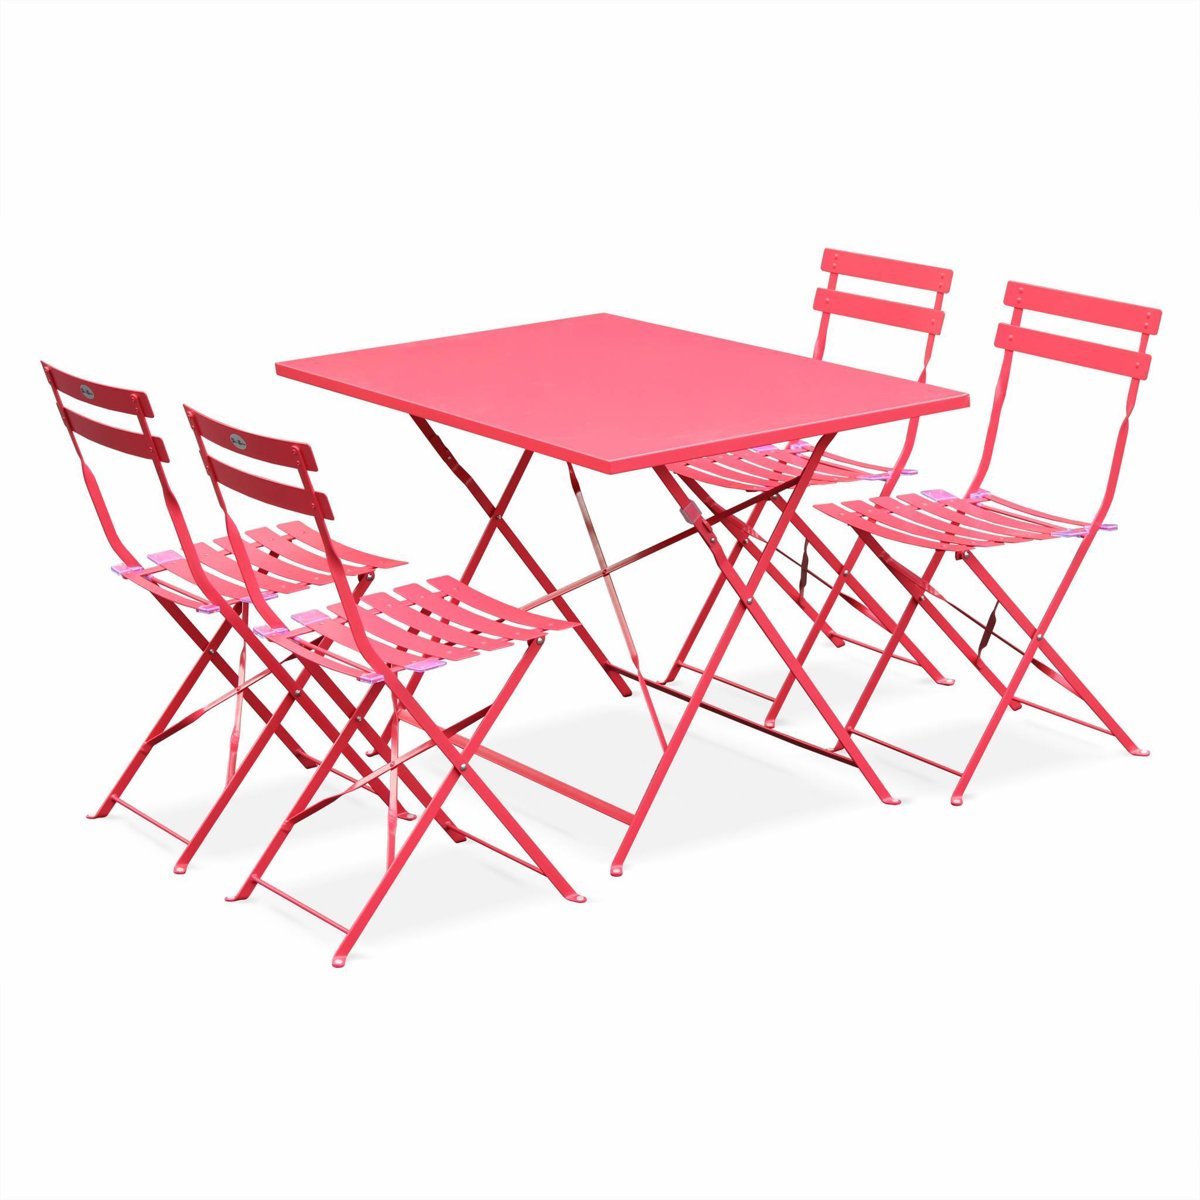 Bistro tuin set, rechthoekige tafel en 4 vouwbare stoelen kopen